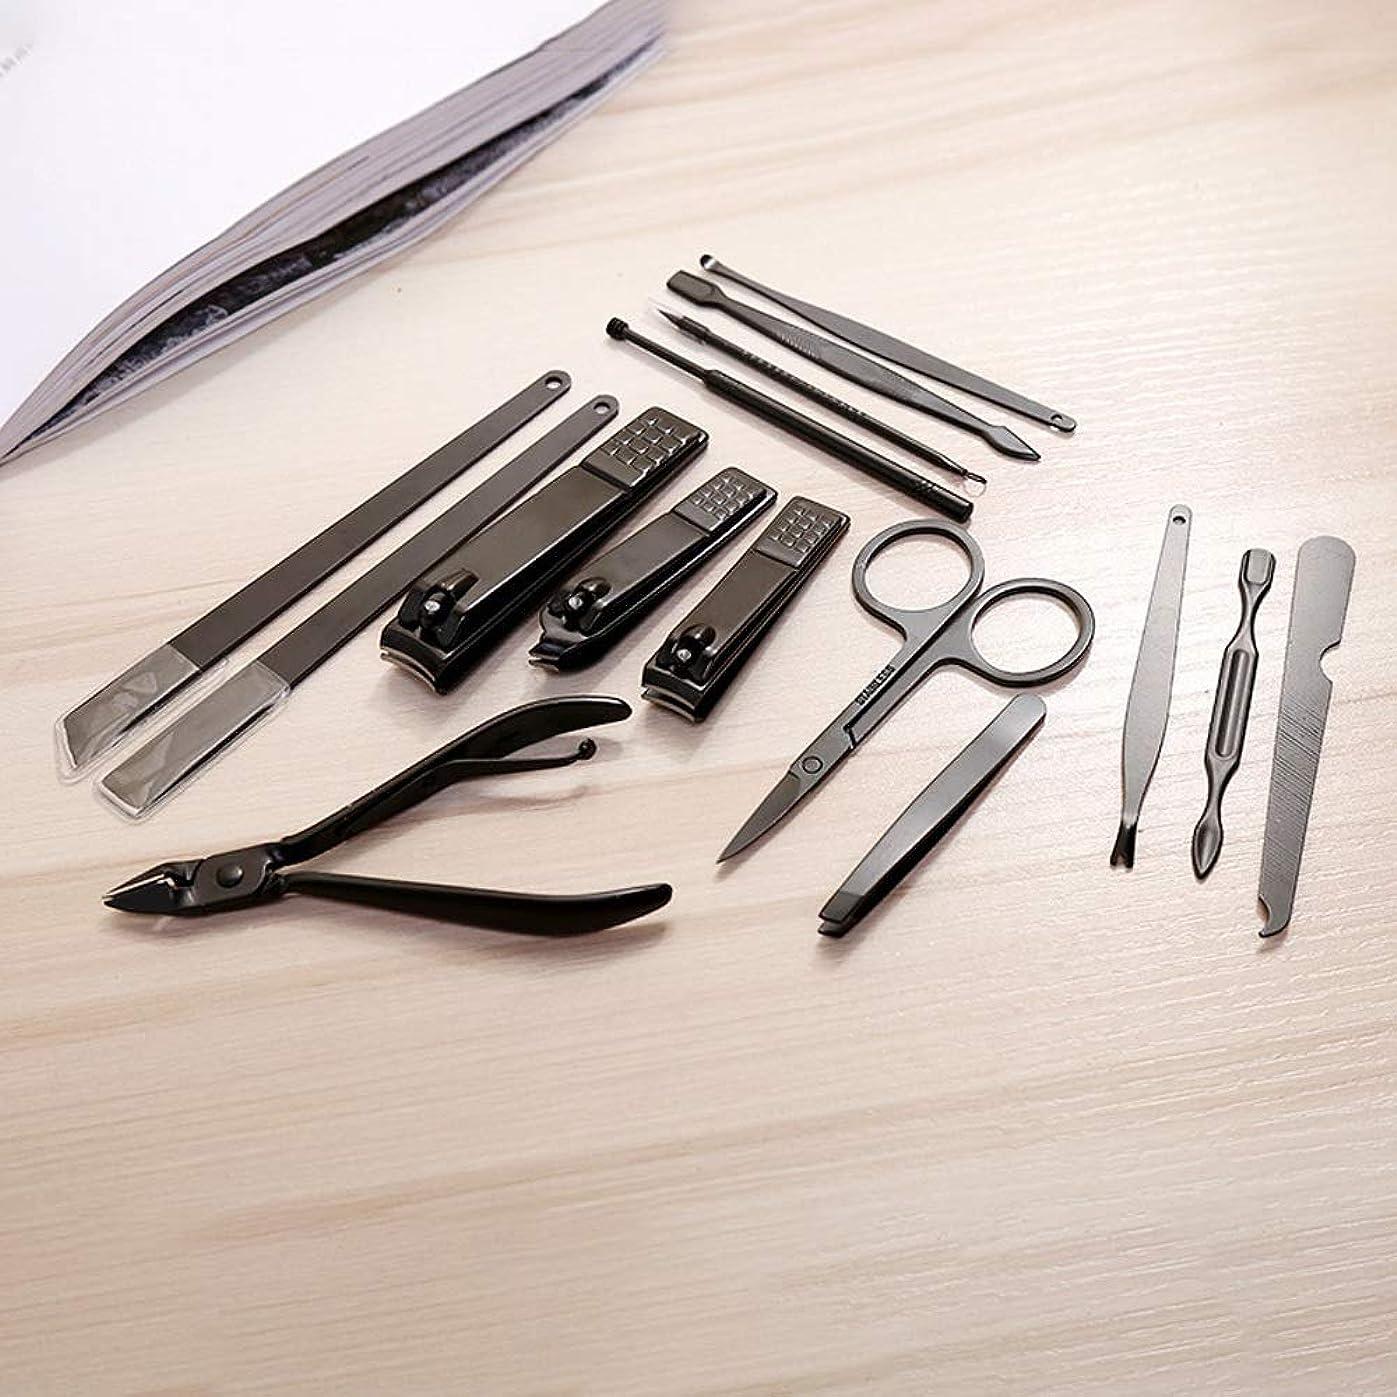 マニキュアセット ステンレススチールブラック15ハイグレードネイルはさみセットネイルツールネイルクリッパーネイルクリッパー トラベル&グルーミングキット